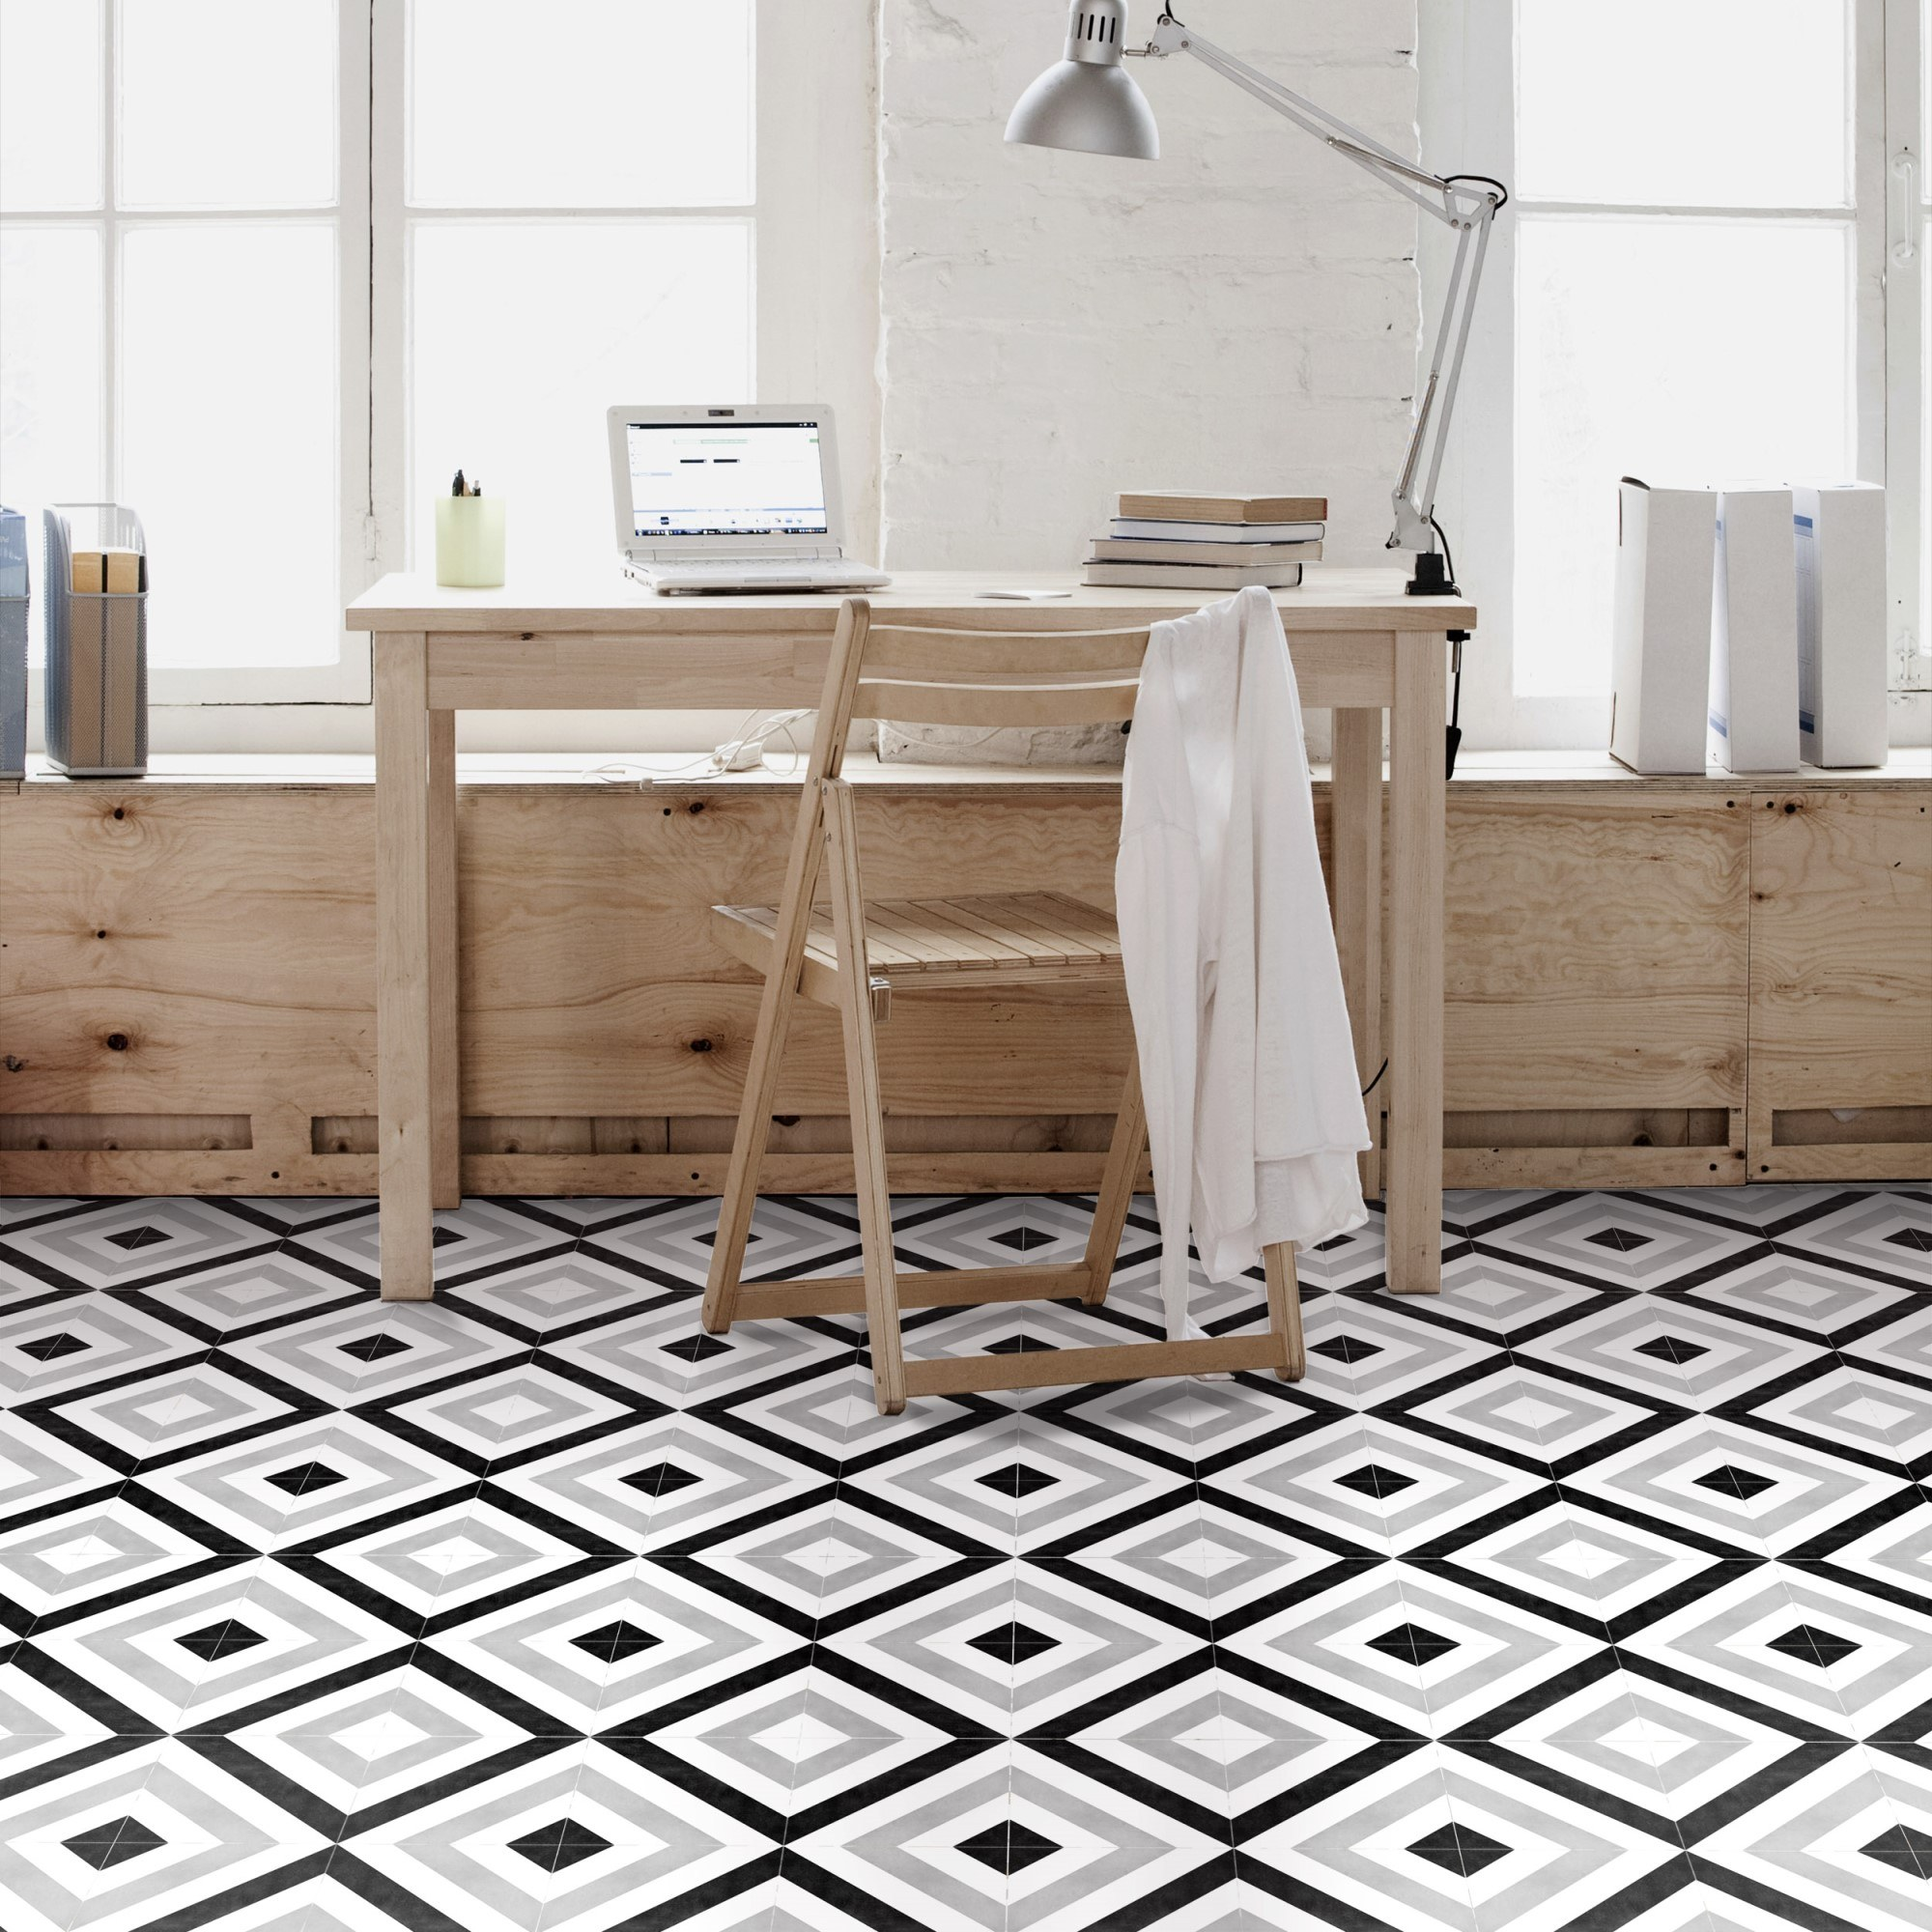 Vloertegel met geometrisch motief in zwart, grijs en wit